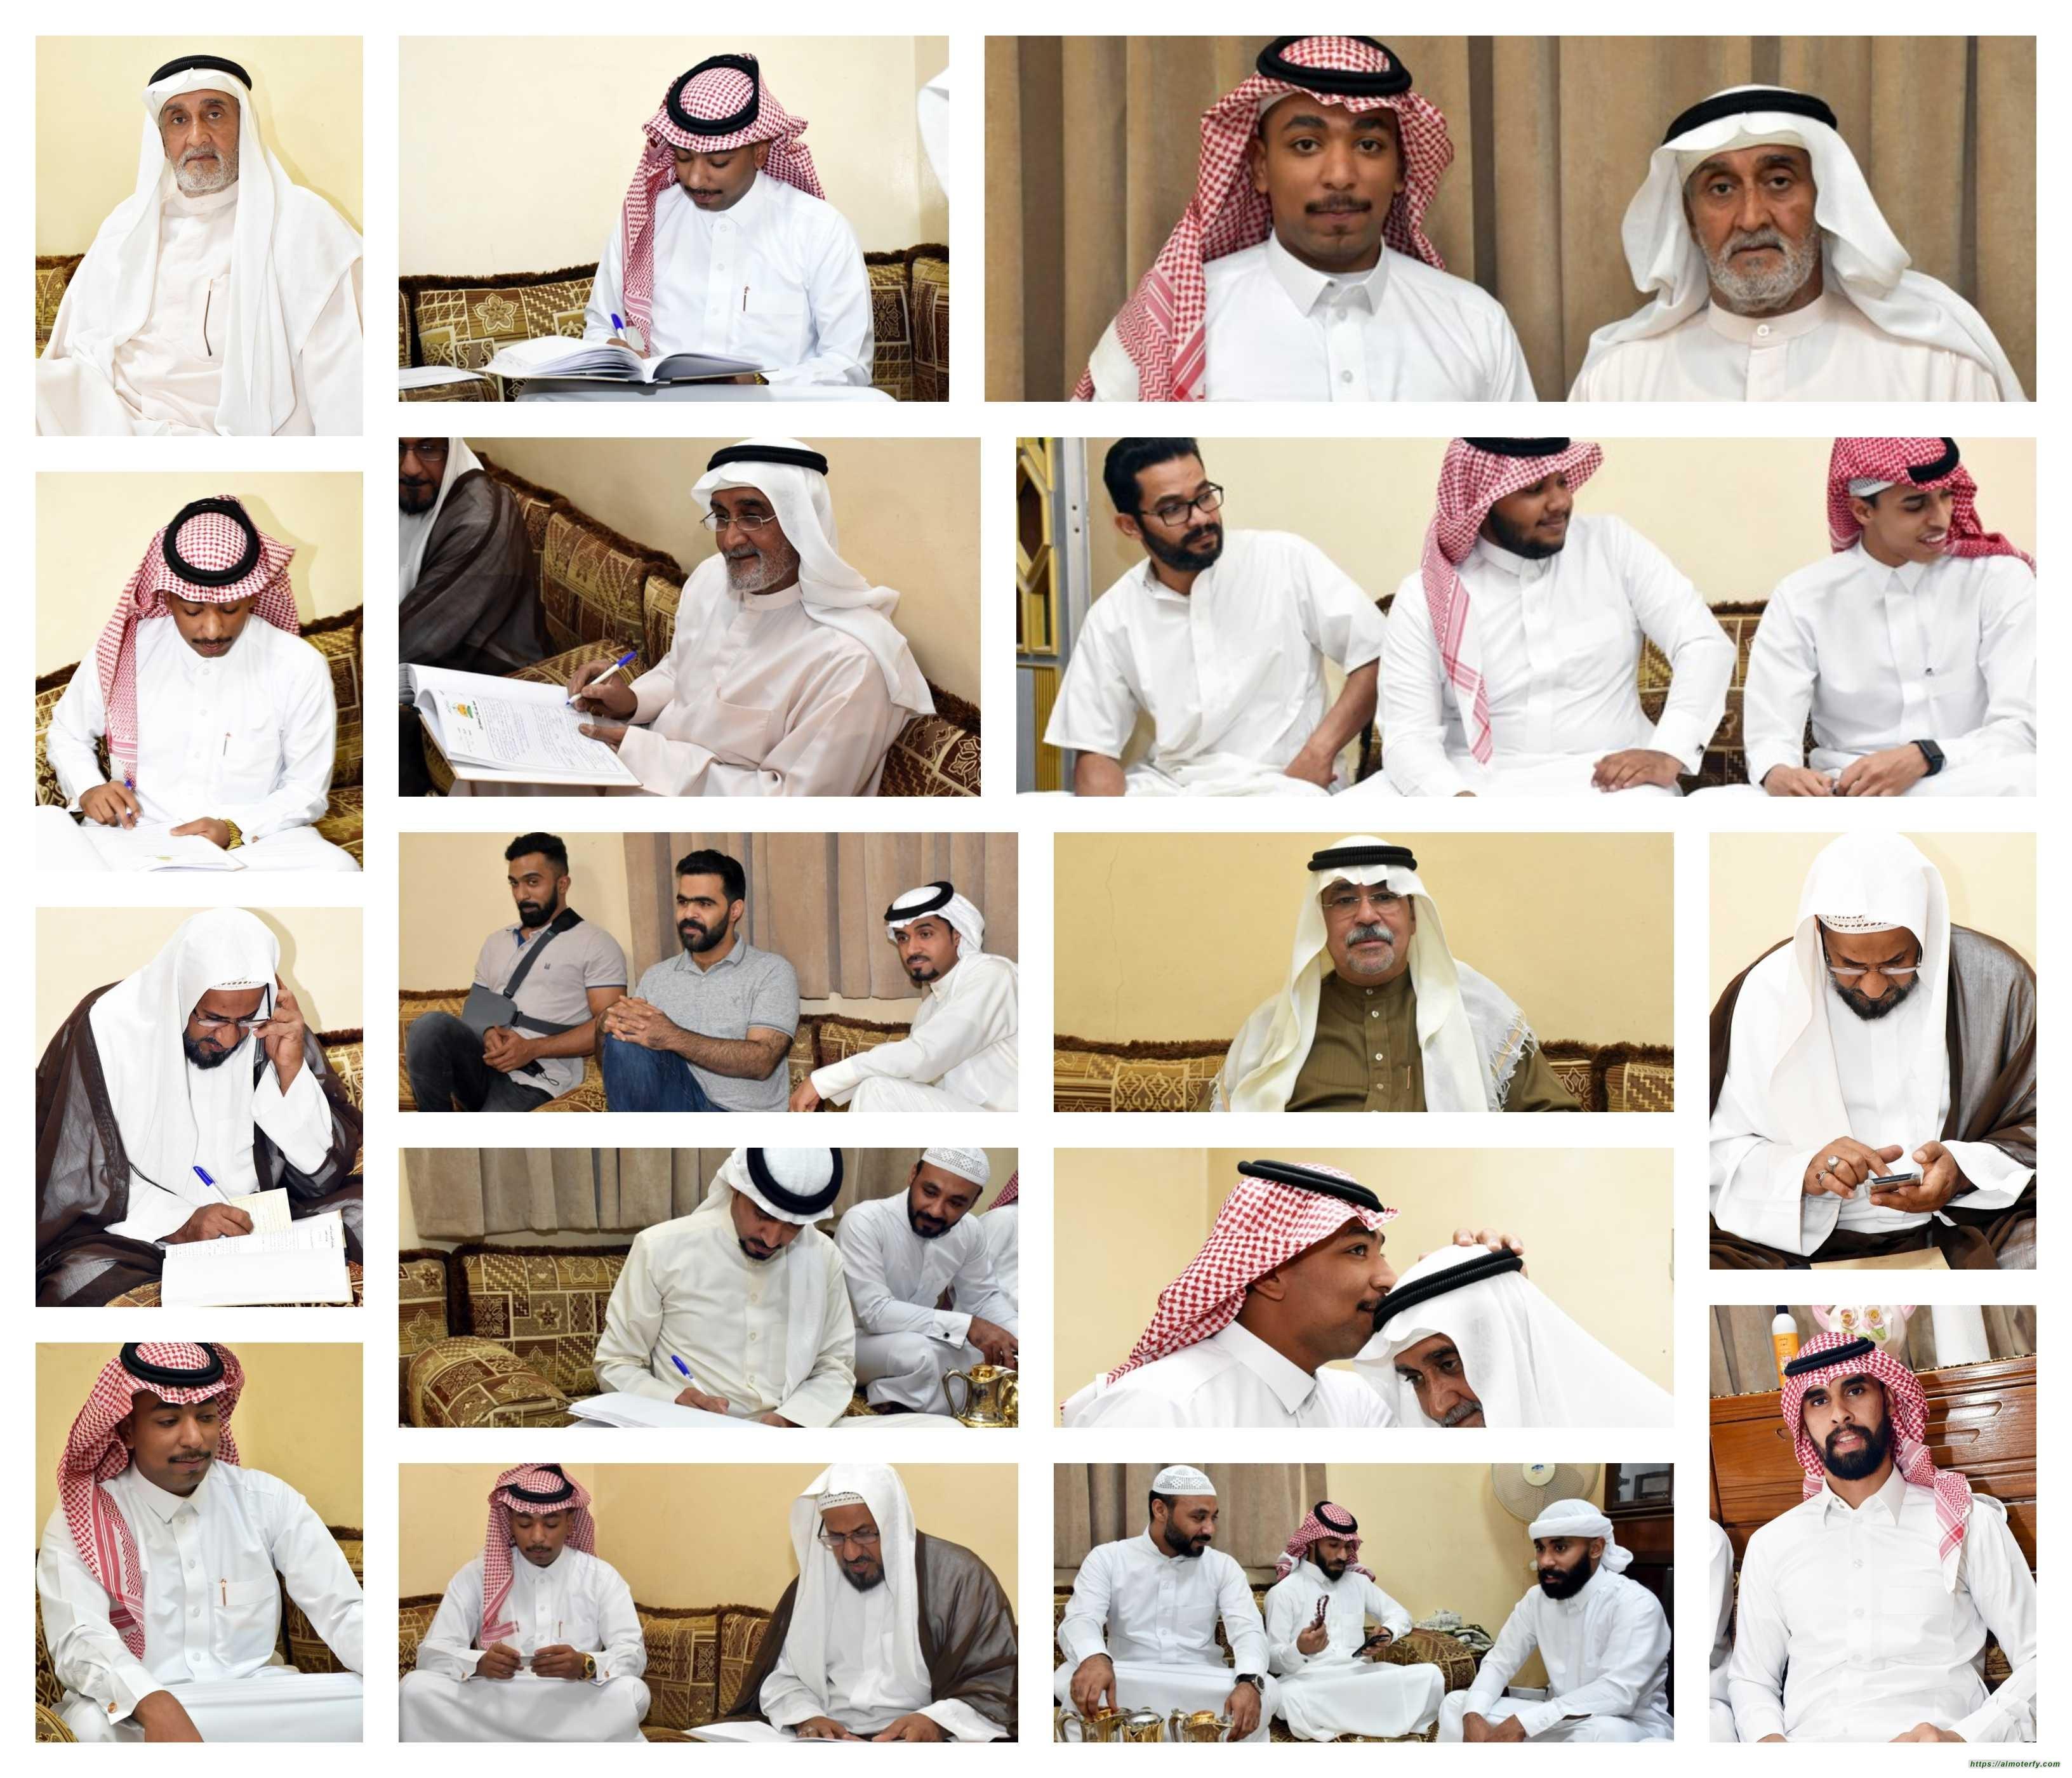 الشاب محمد ناصر الحسن يعقد قرانه تهانينا